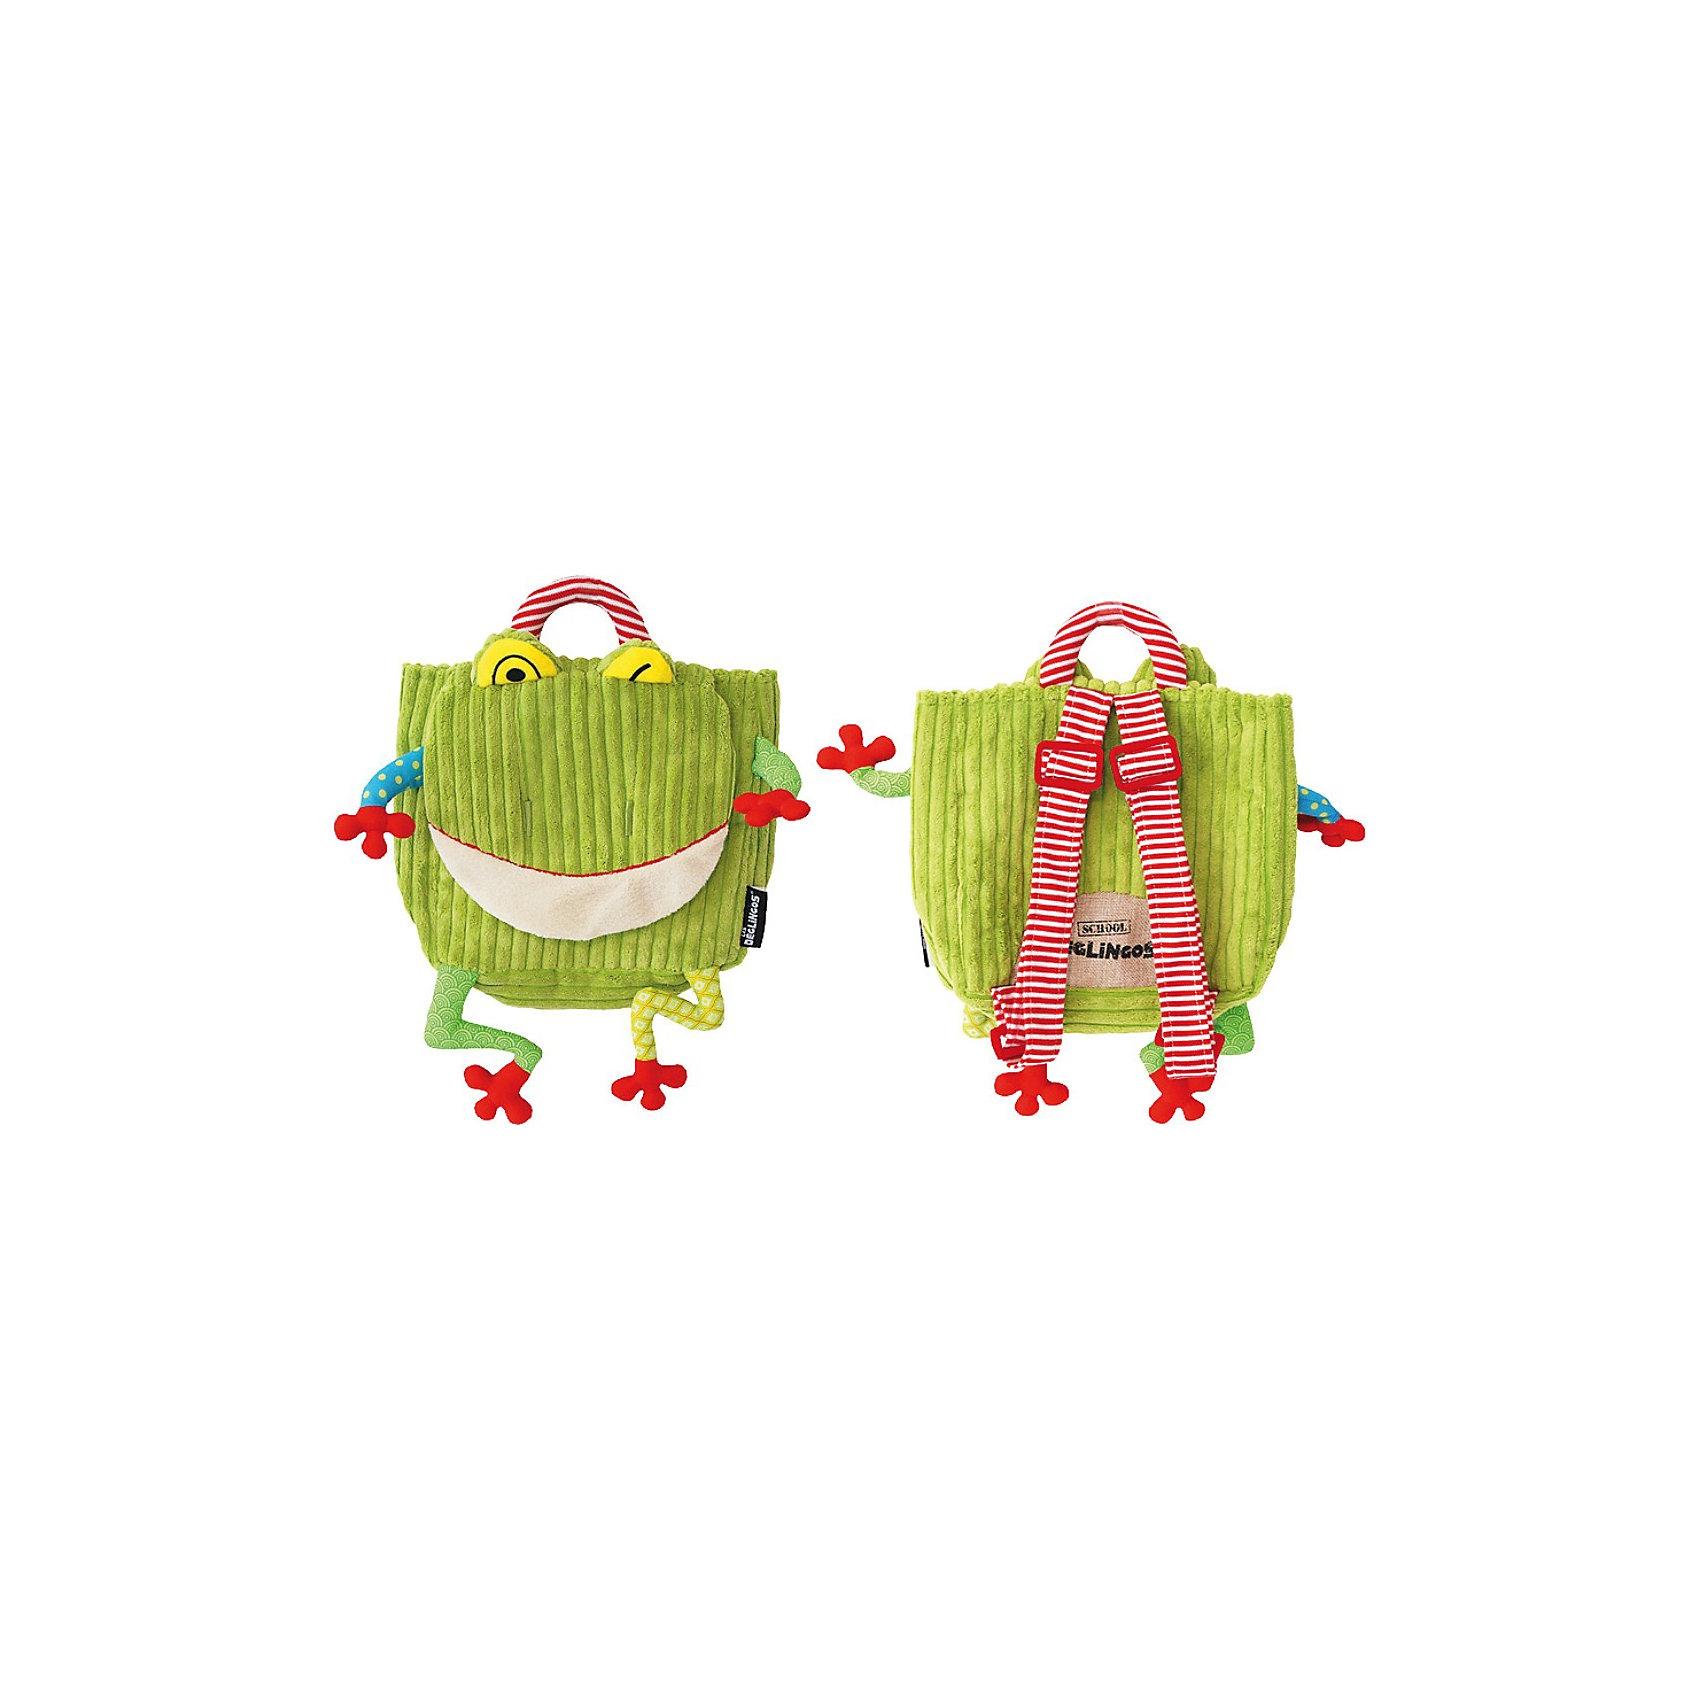 DEGLINGOS  Рюкзак Лягушонок CroakosРюкзак детский с элементами ручной вышивки. В игрушке использованы материалы велюр, вельвет, ситец, драп, мешковина. Замок на 2 липучках, лямки регулируются. <br><br>Дополнительная информация:<br><br>Размер: 25 х 25 см.<br><br>Ширина мм: 250<br>Глубина мм: 60<br>Высота мм: 300<br>Вес г: 160<br>Возраст от месяцев: 24<br>Возраст до месяцев: 60<br>Пол: Унисекс<br>Возраст: Детский<br>SKU: 2523740